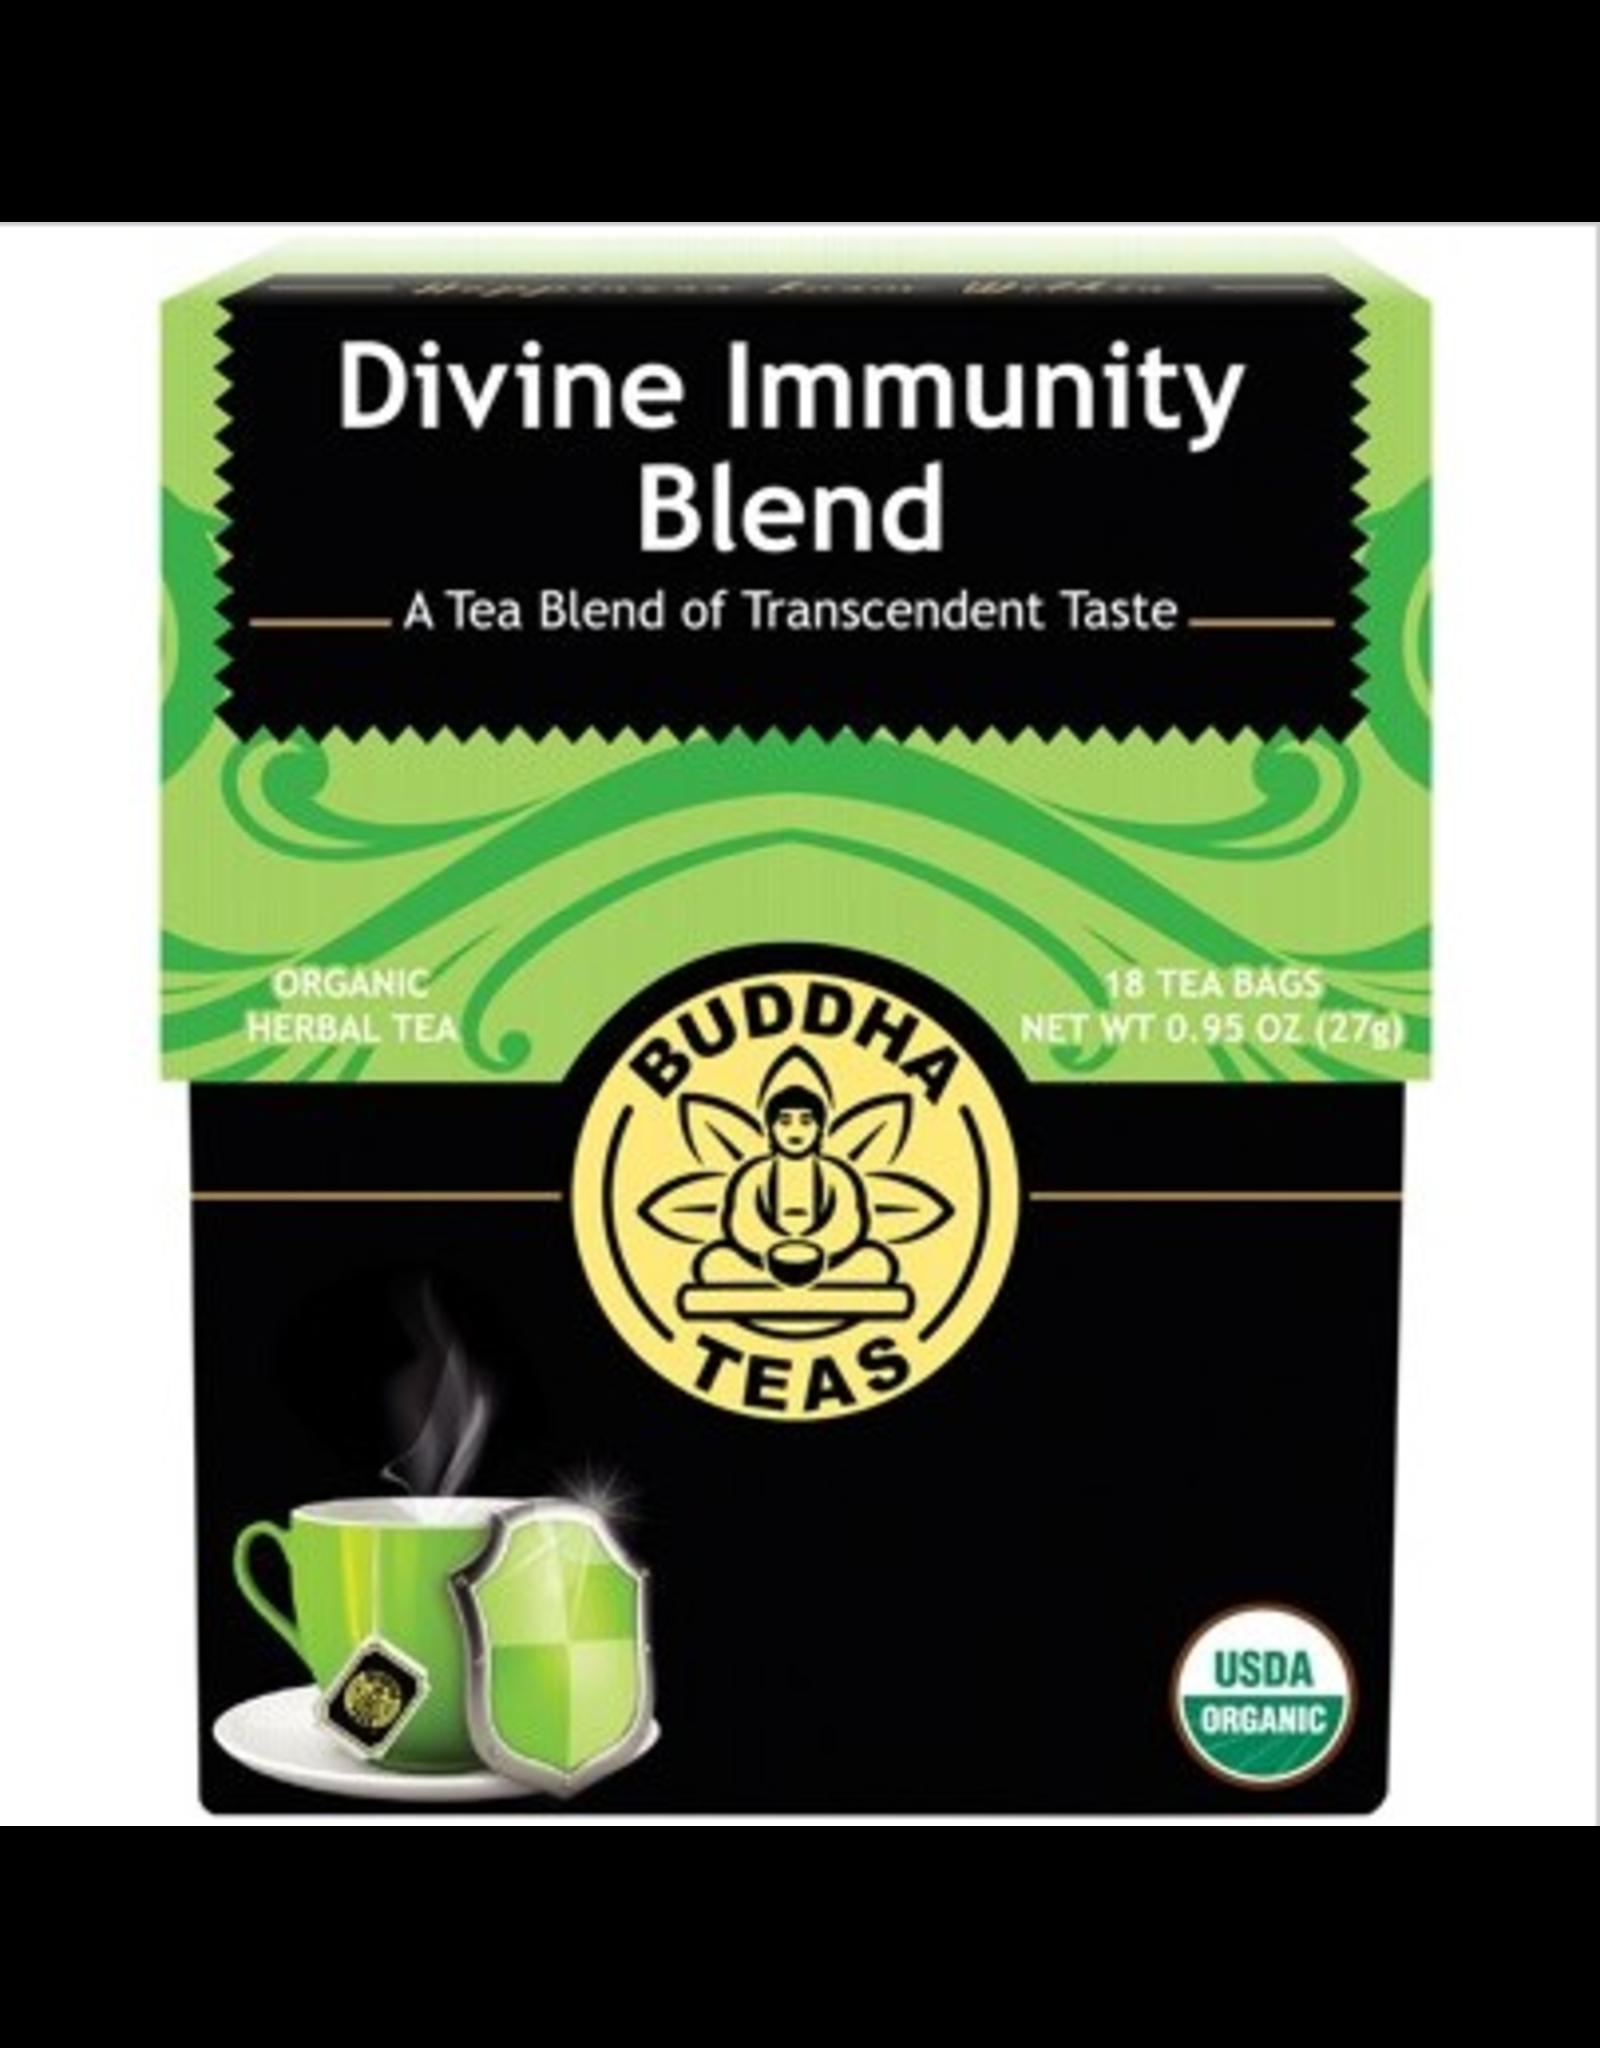 Buddha Teas Divine Immunity Blend x 18 Tea Bags